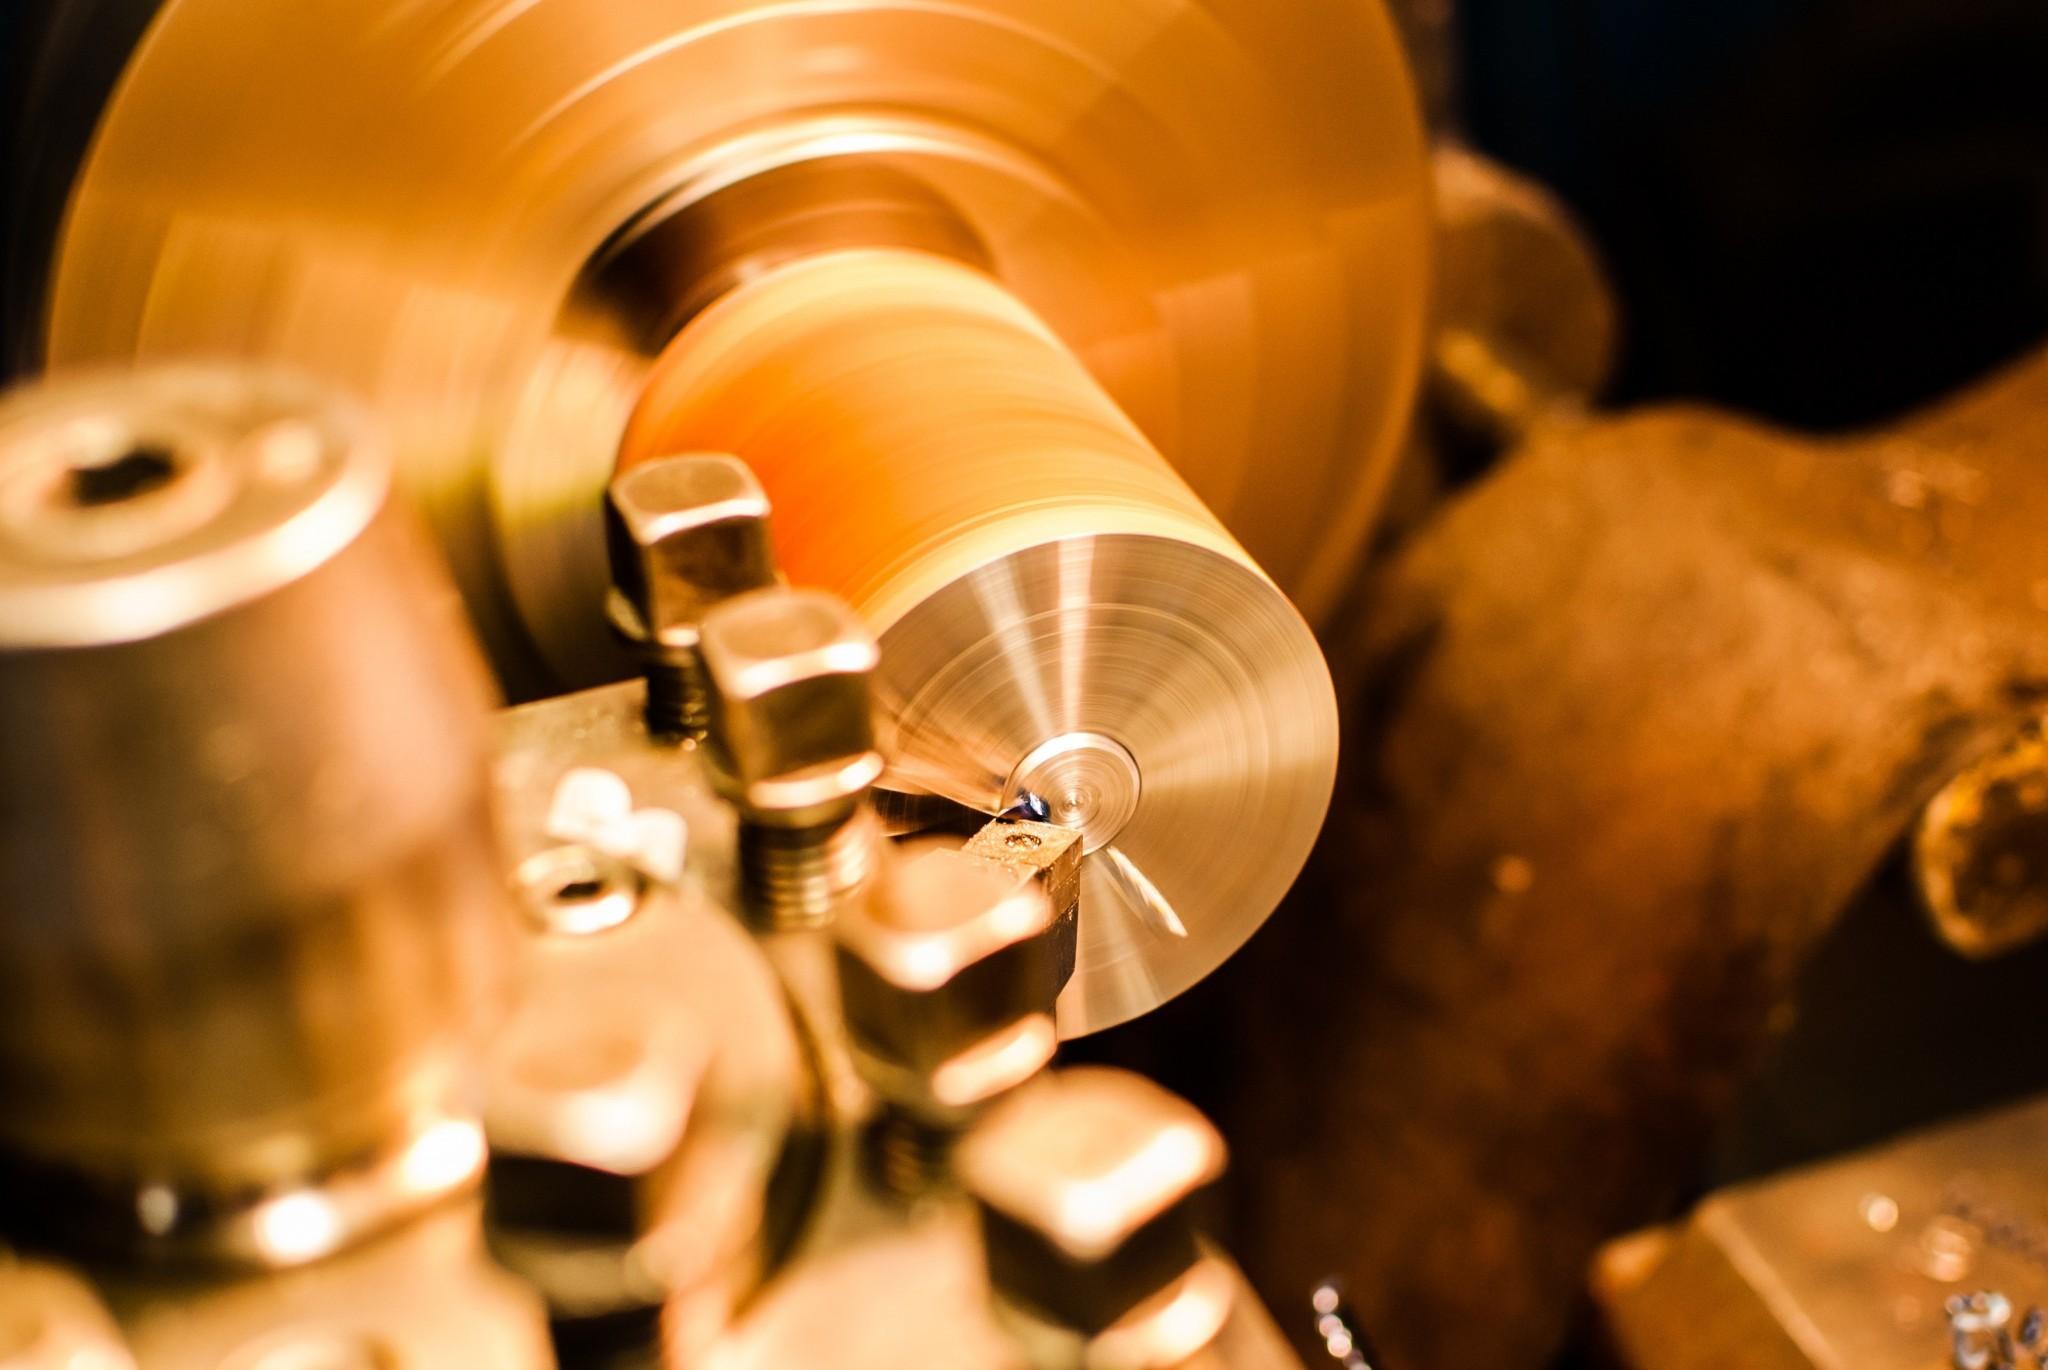 close-up-grinder-indoors-434208